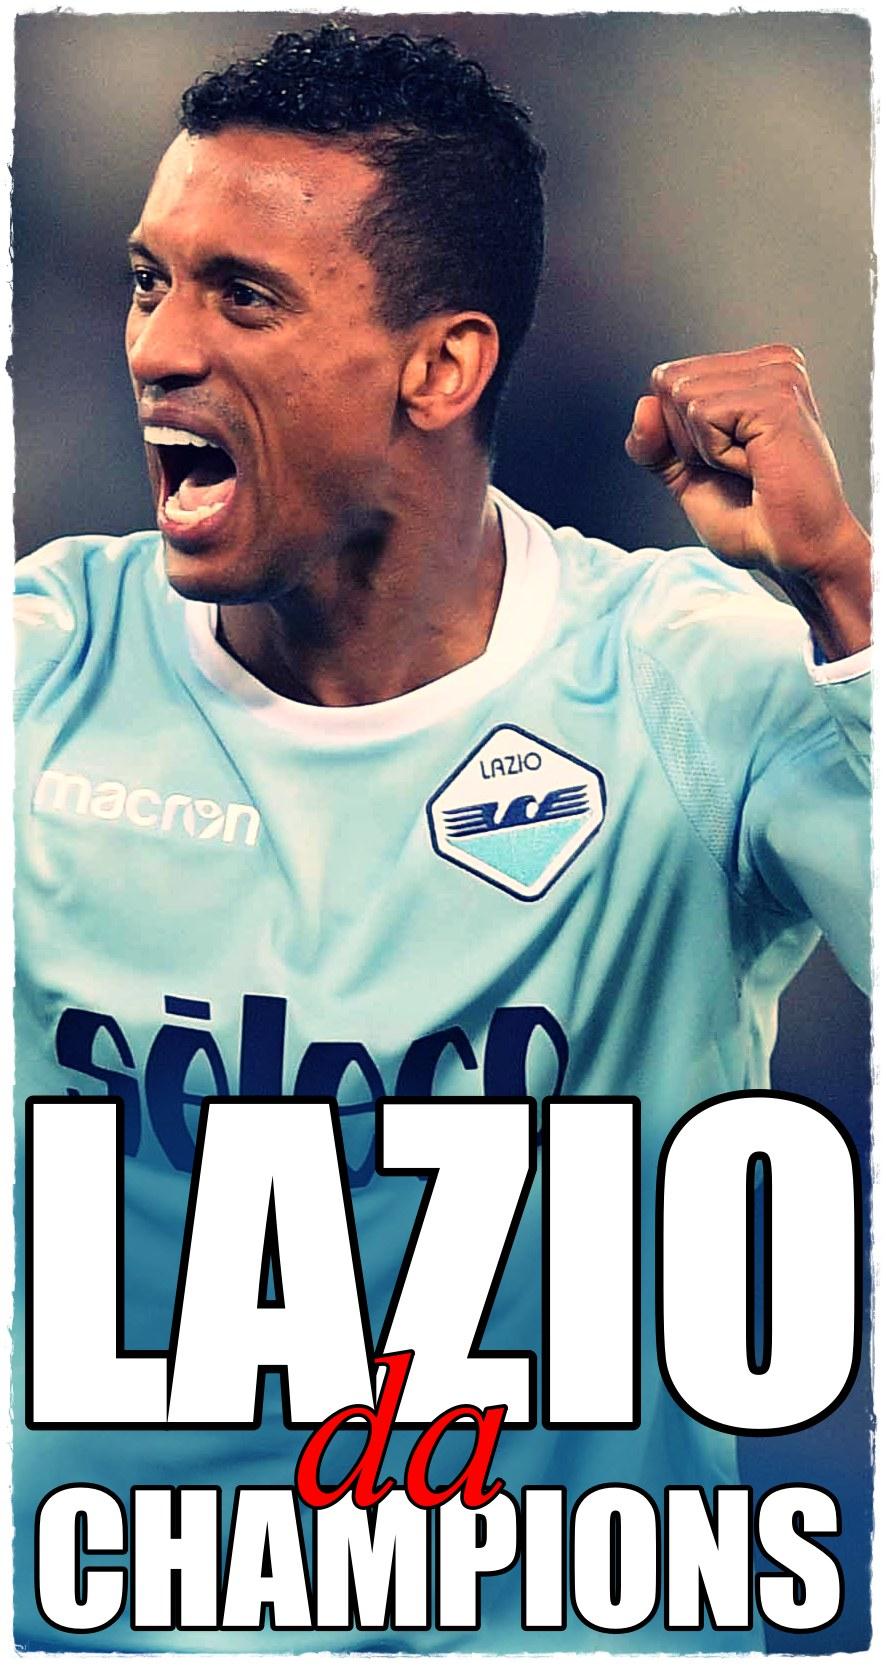 Allenamento Lazio conveniente